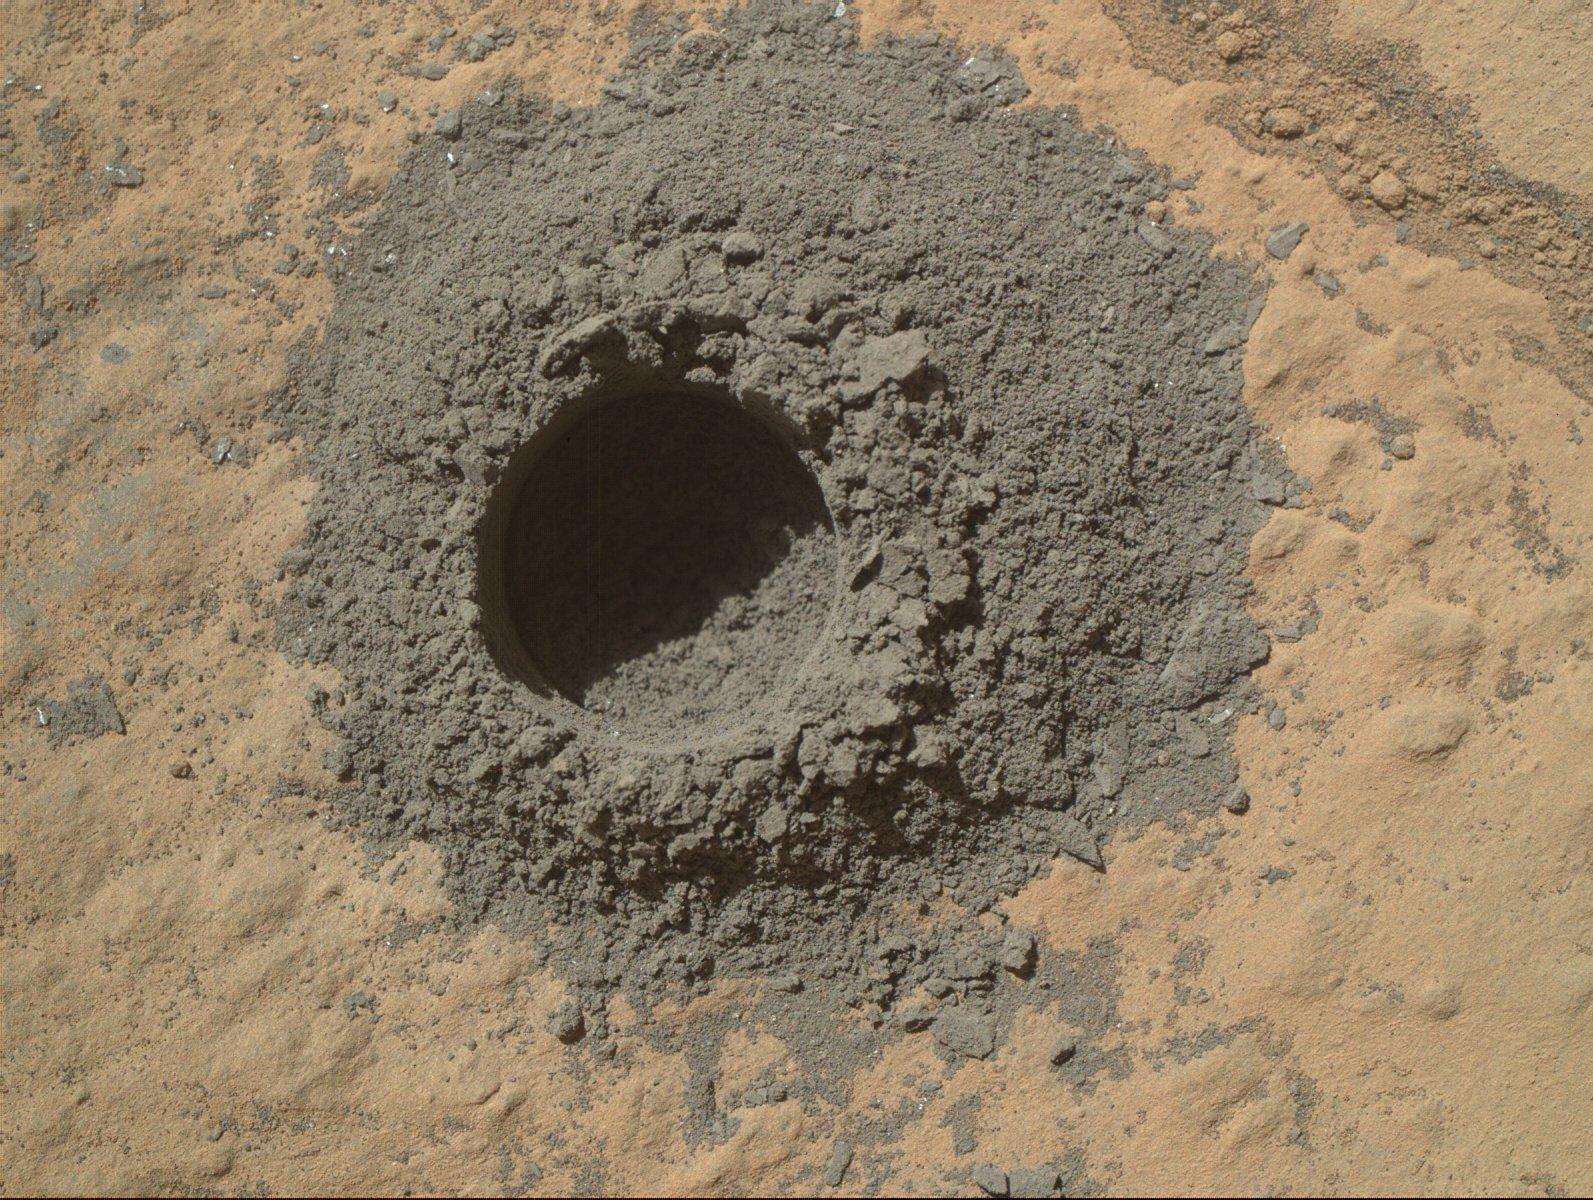 Mars'ta 1 Yıl Aradan Sonra Tekrar Kazı Çalışması